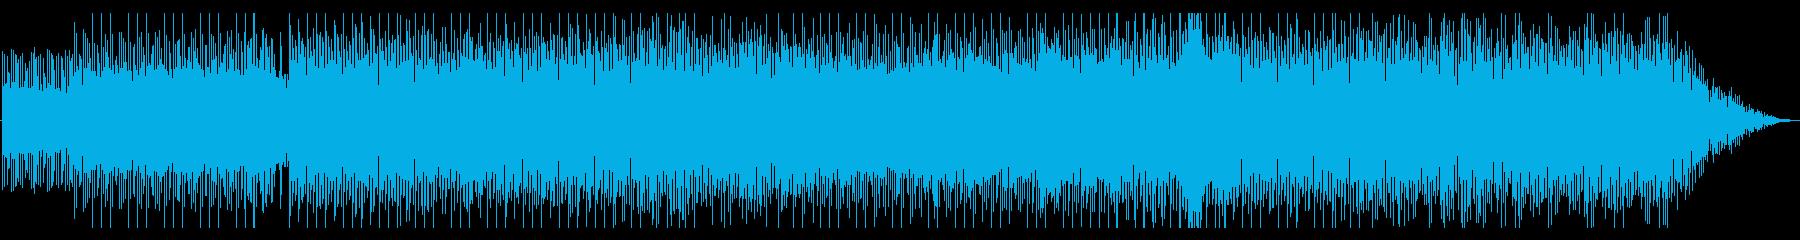 スムーズジャズ的な都会的ドラムンベースの再生済みの波形